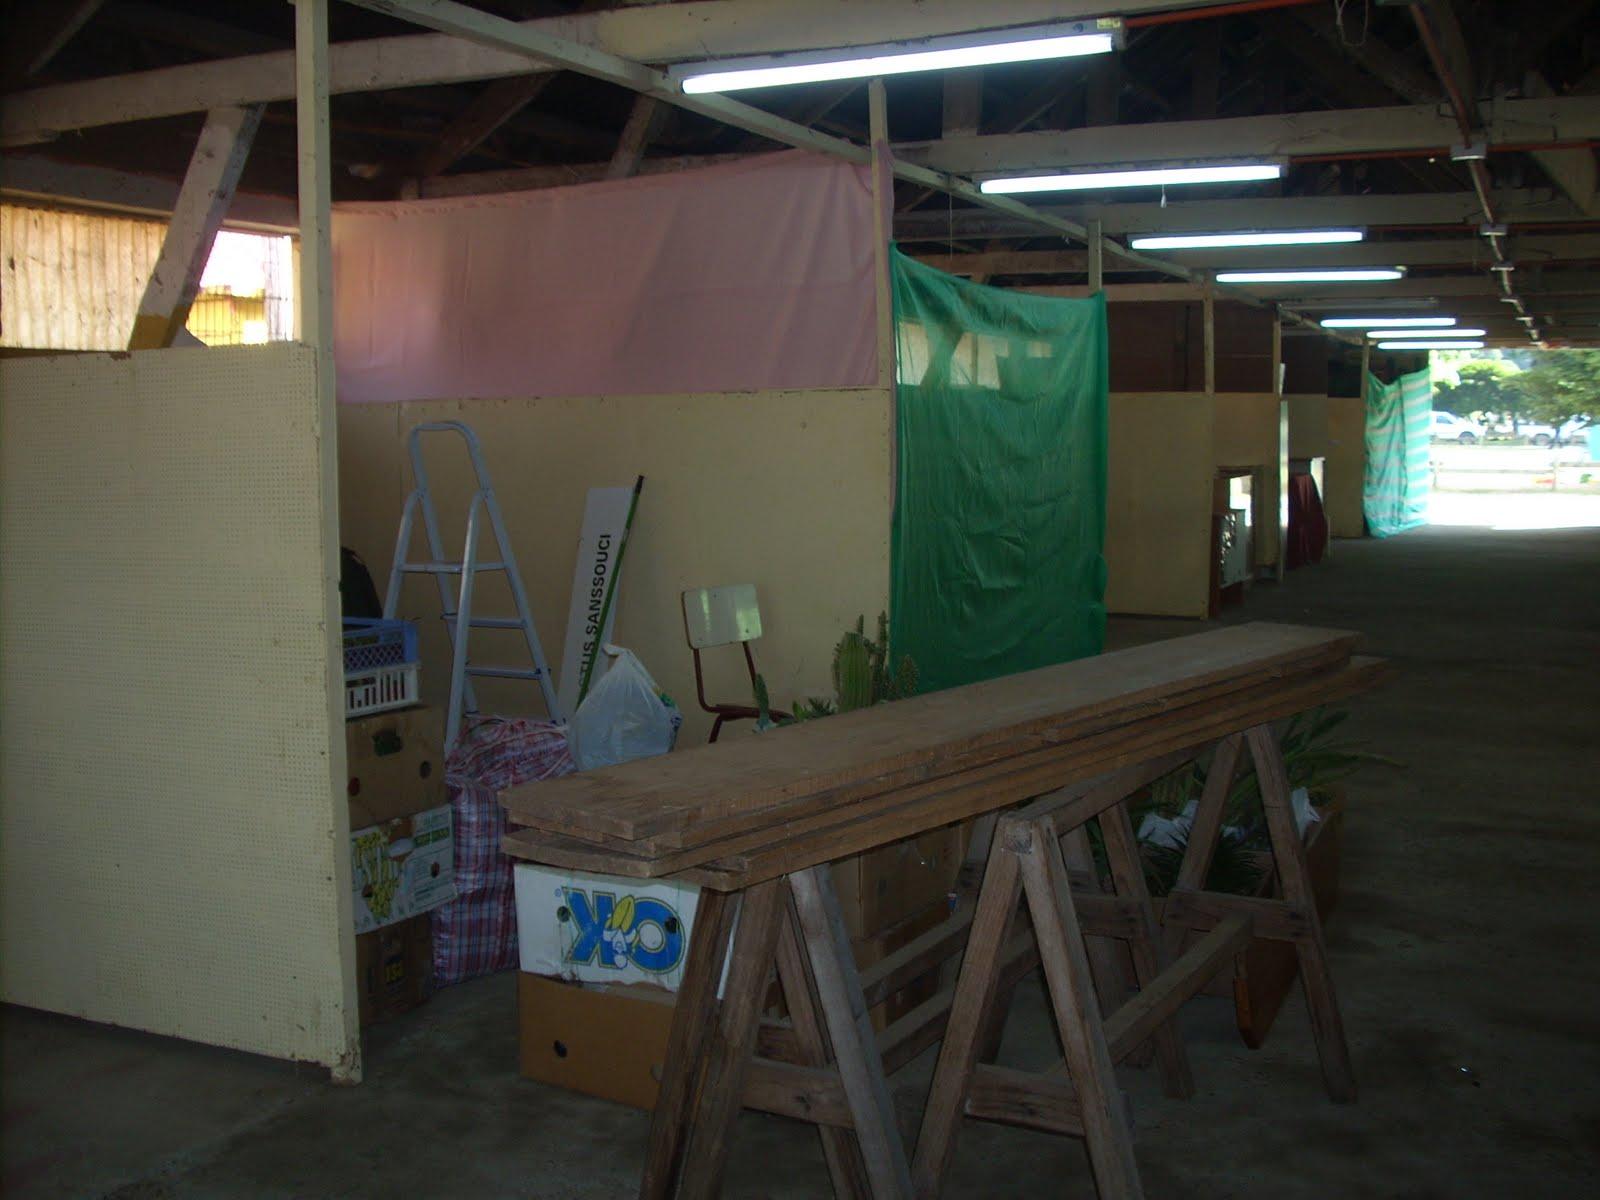 vivero sanssouci febrero 2011 armado de la feria saval